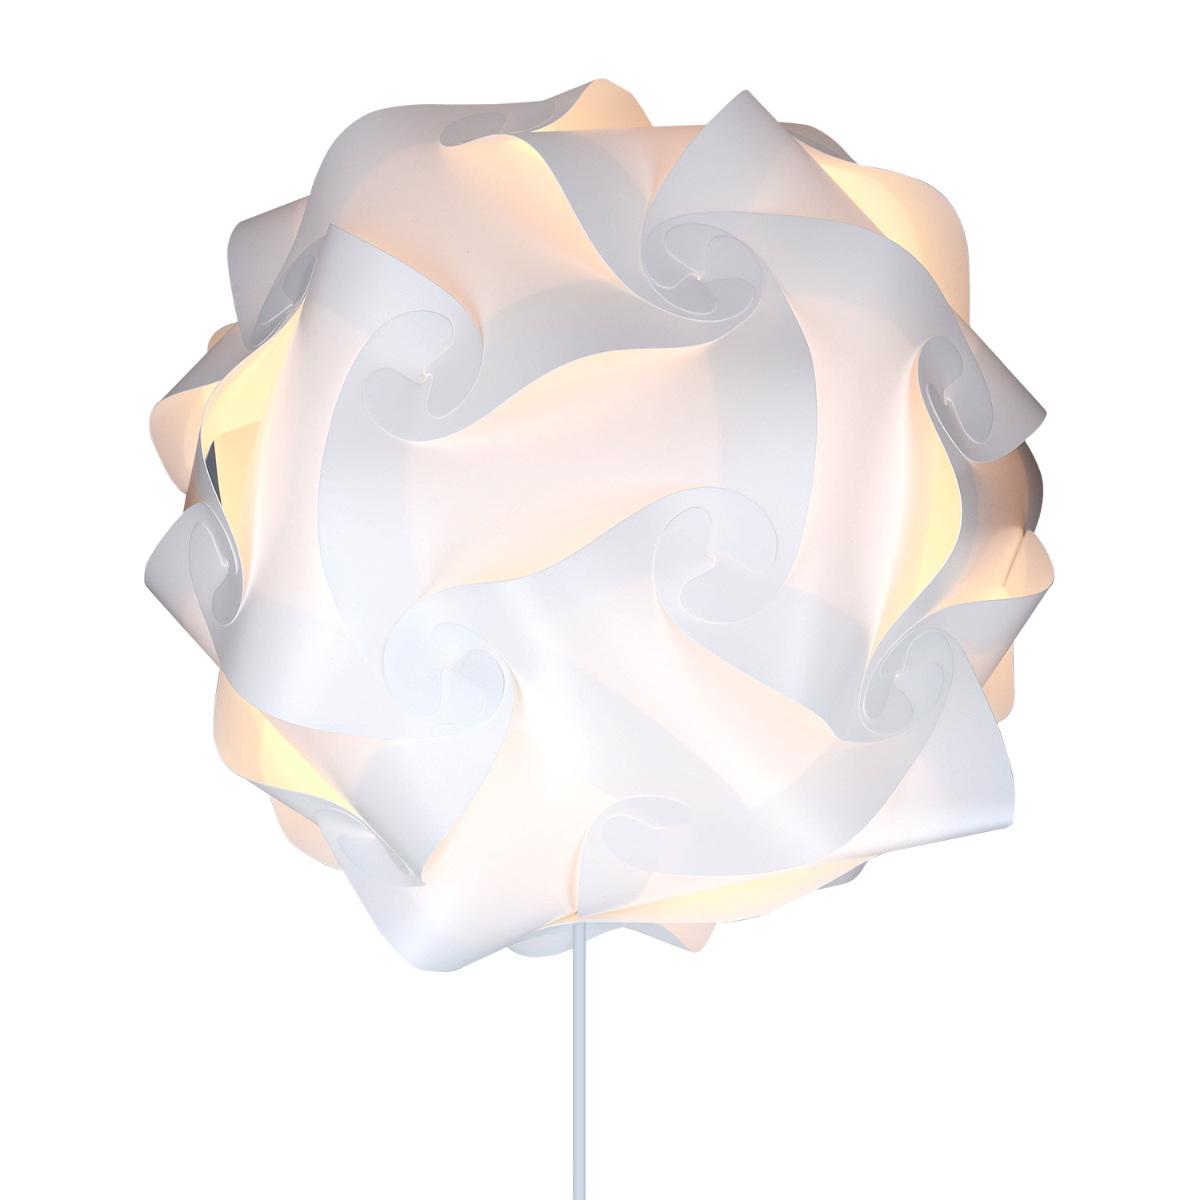 deckenlampe pendelleuchte diy puzzle lampe xl mit deckenbefestigung e27 fassung ebay. Black Bedroom Furniture Sets. Home Design Ideas